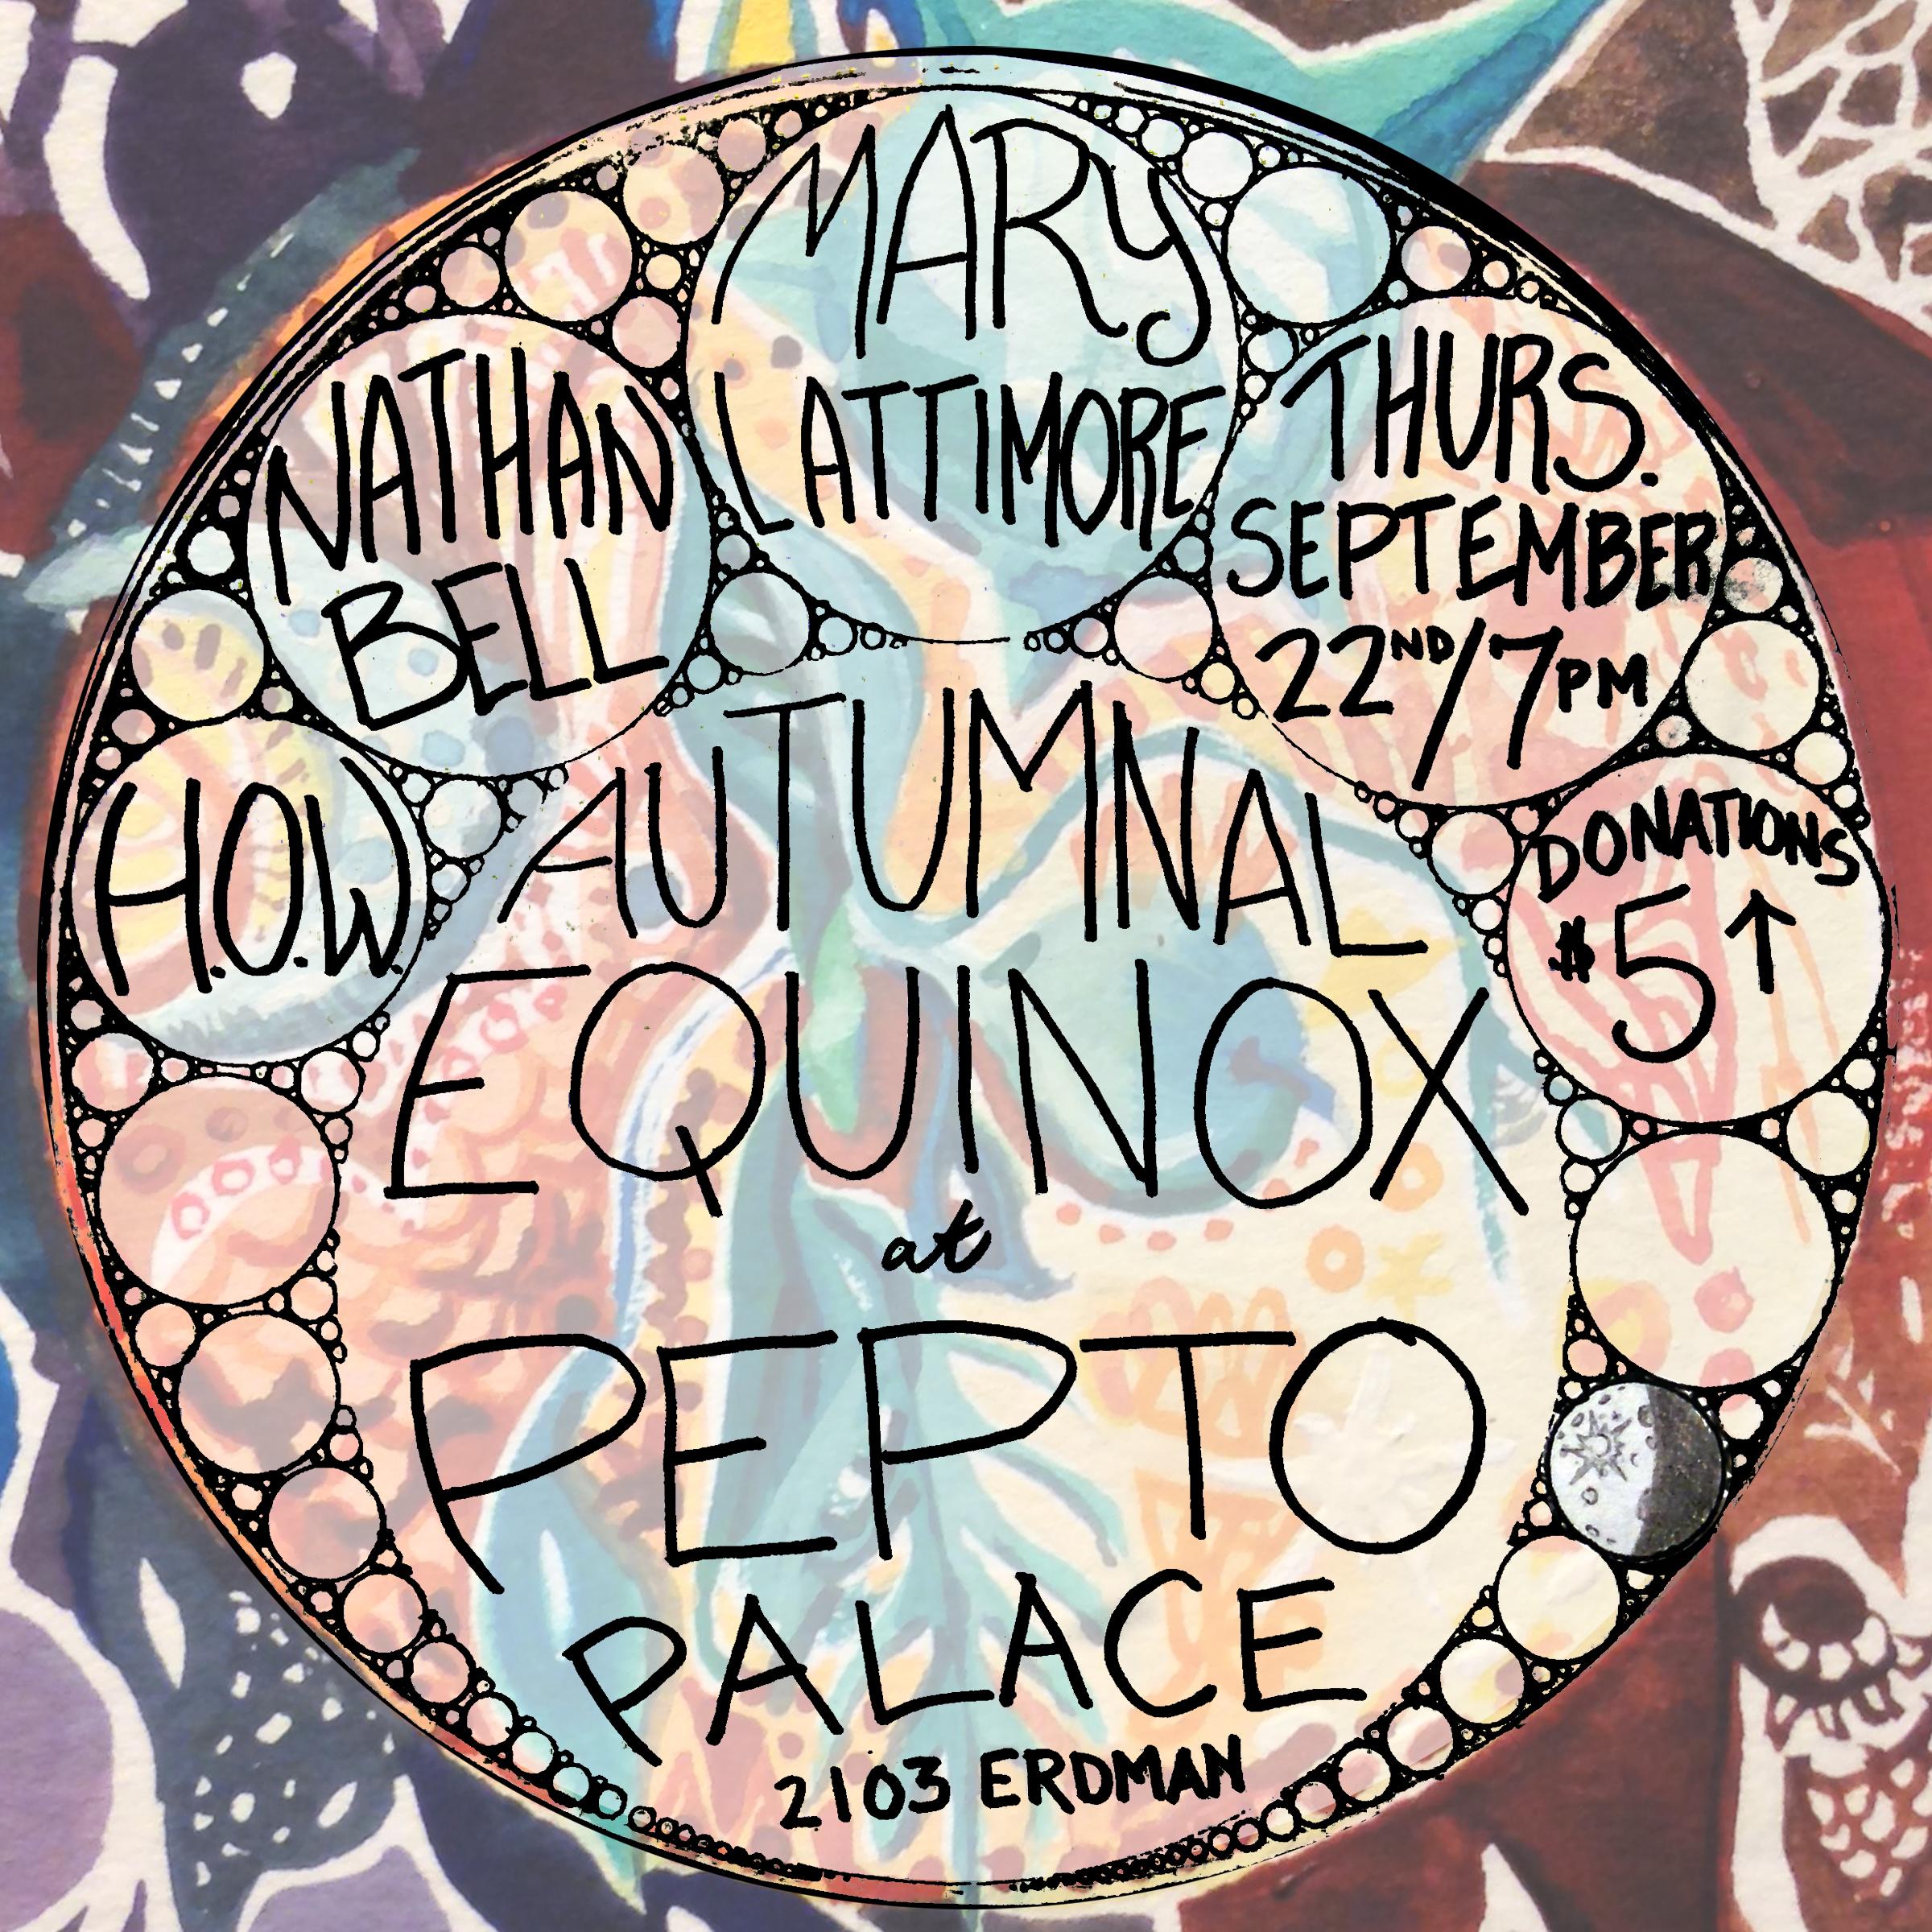 autumnal equinox flyer ver 1.jpg